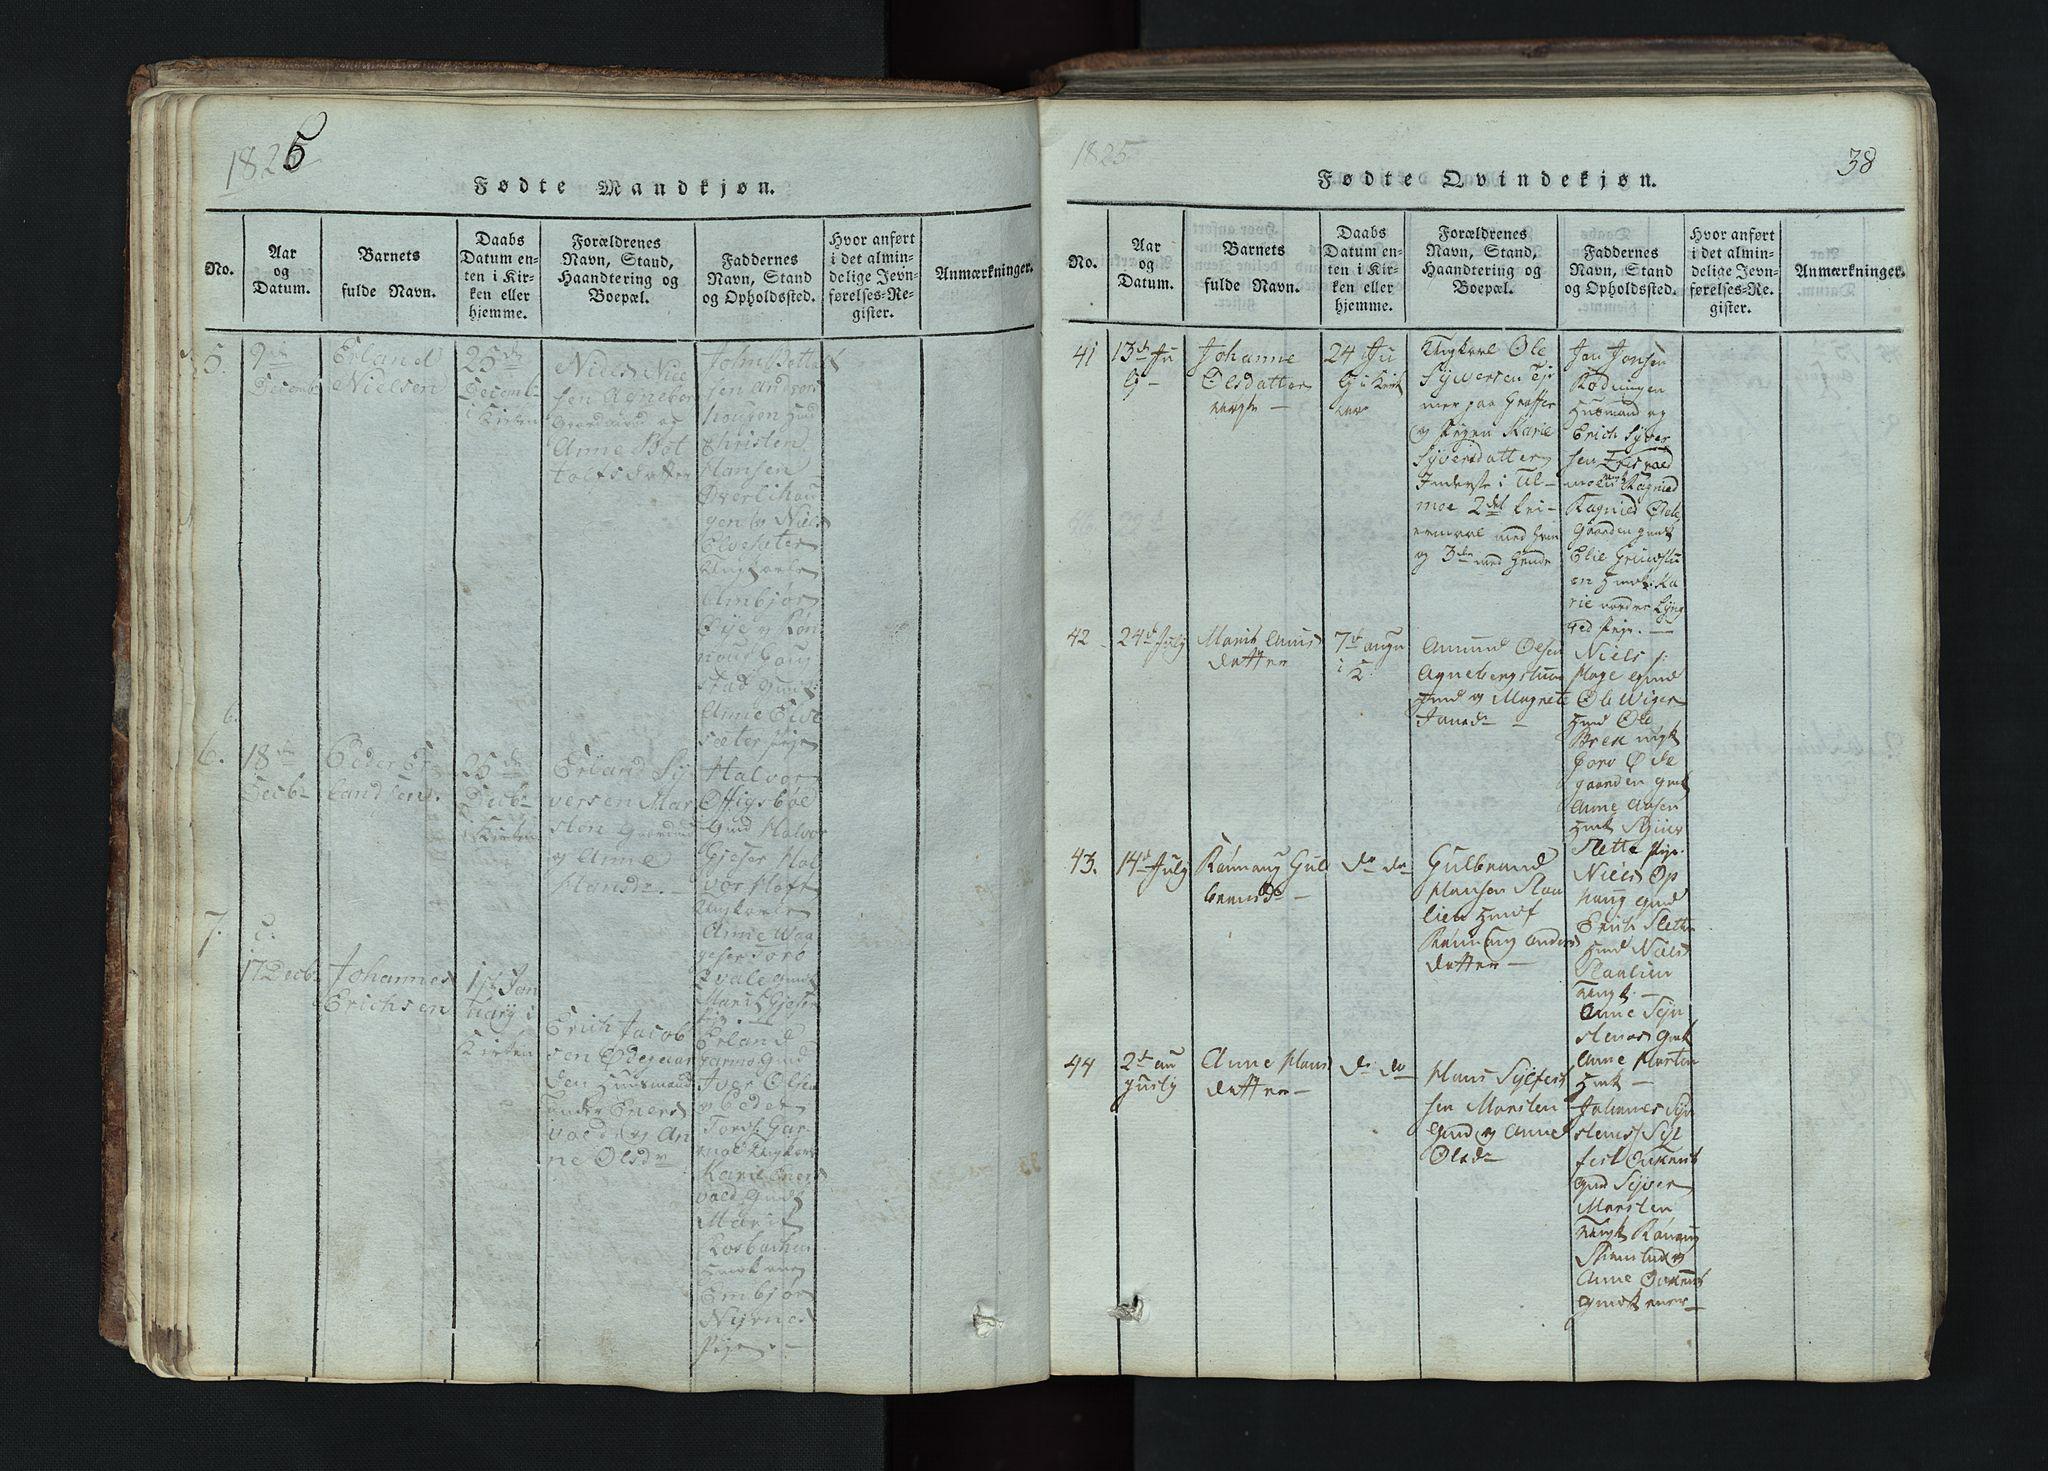 SAH, Lom prestekontor, L/L0002: Klokkerbok nr. 2, 1815-1844, s. 38